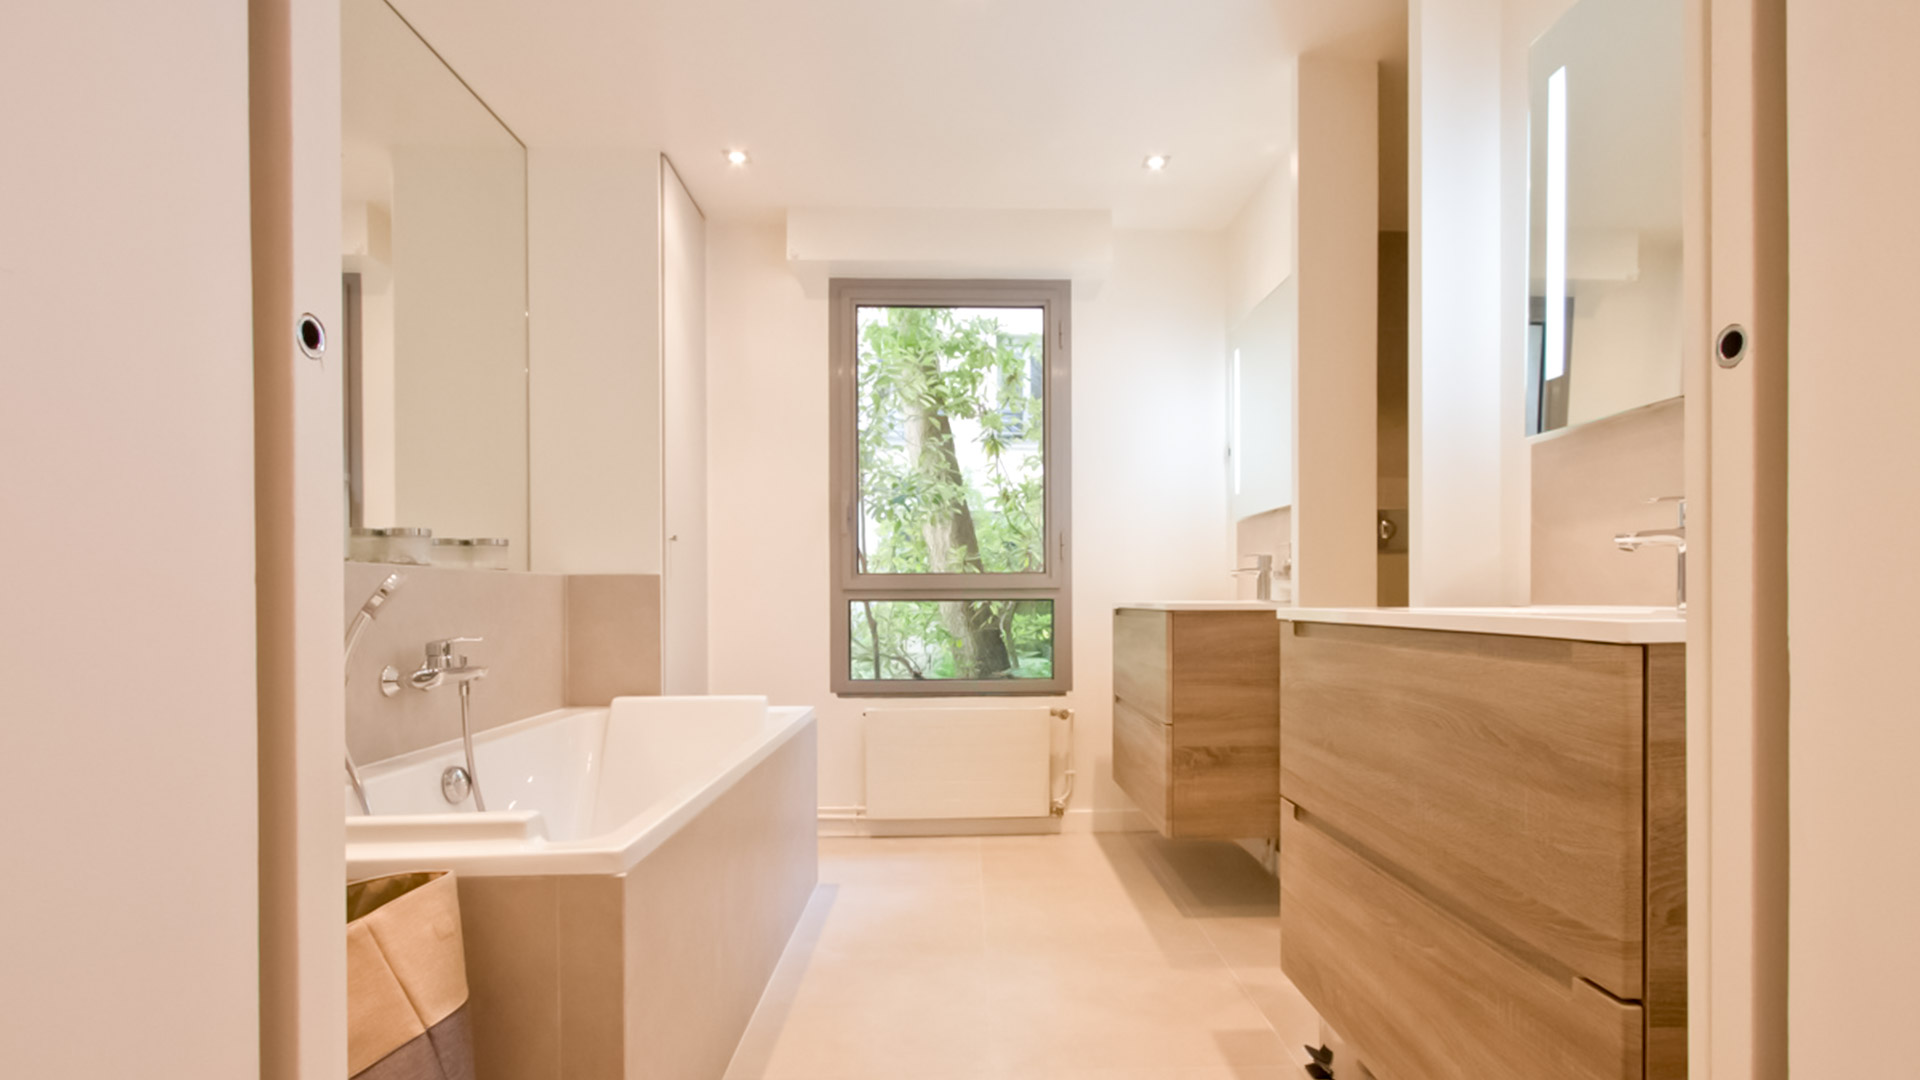 Loft 150m2 rue vieille du temple julie delacommune - Salle de bain loft ...